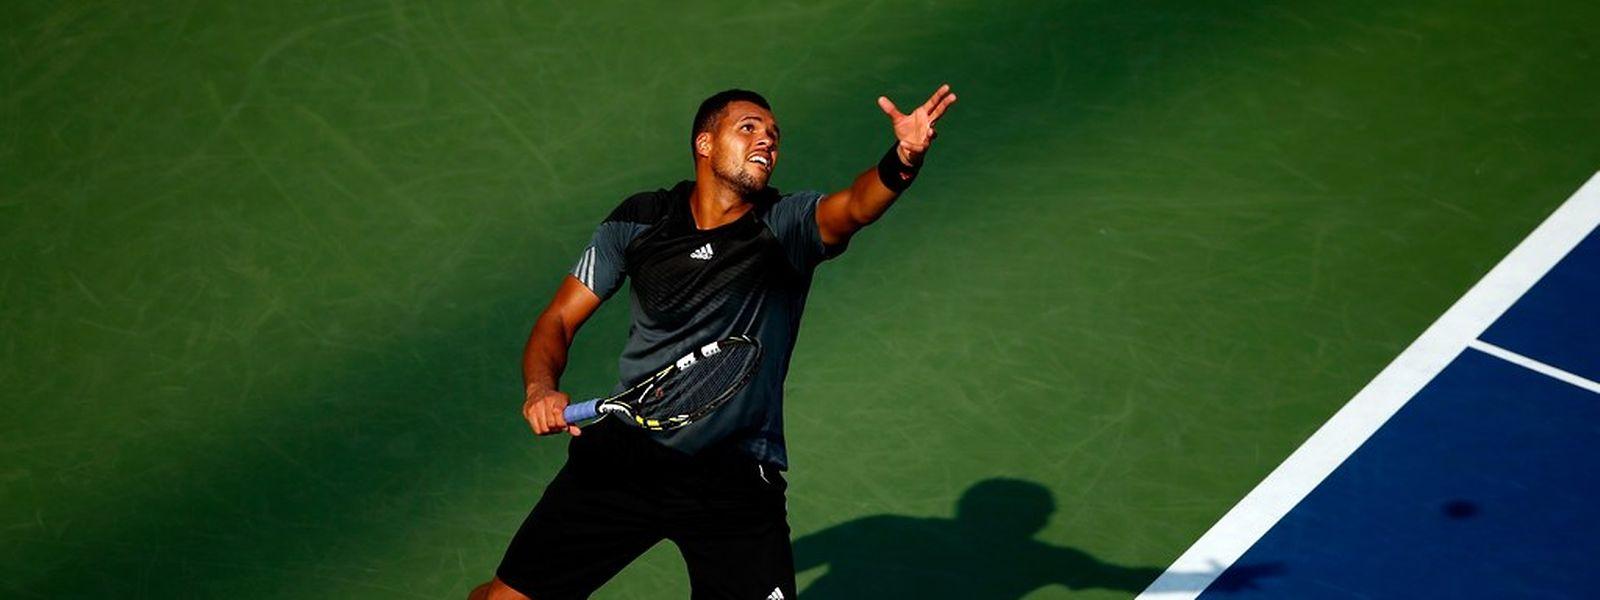 Jo-Wilfried Tsonga avait les arguments pour inquiéter Andy Murray, mais le Manceau n'a pas saisi sa chance quand elle s'est présentée